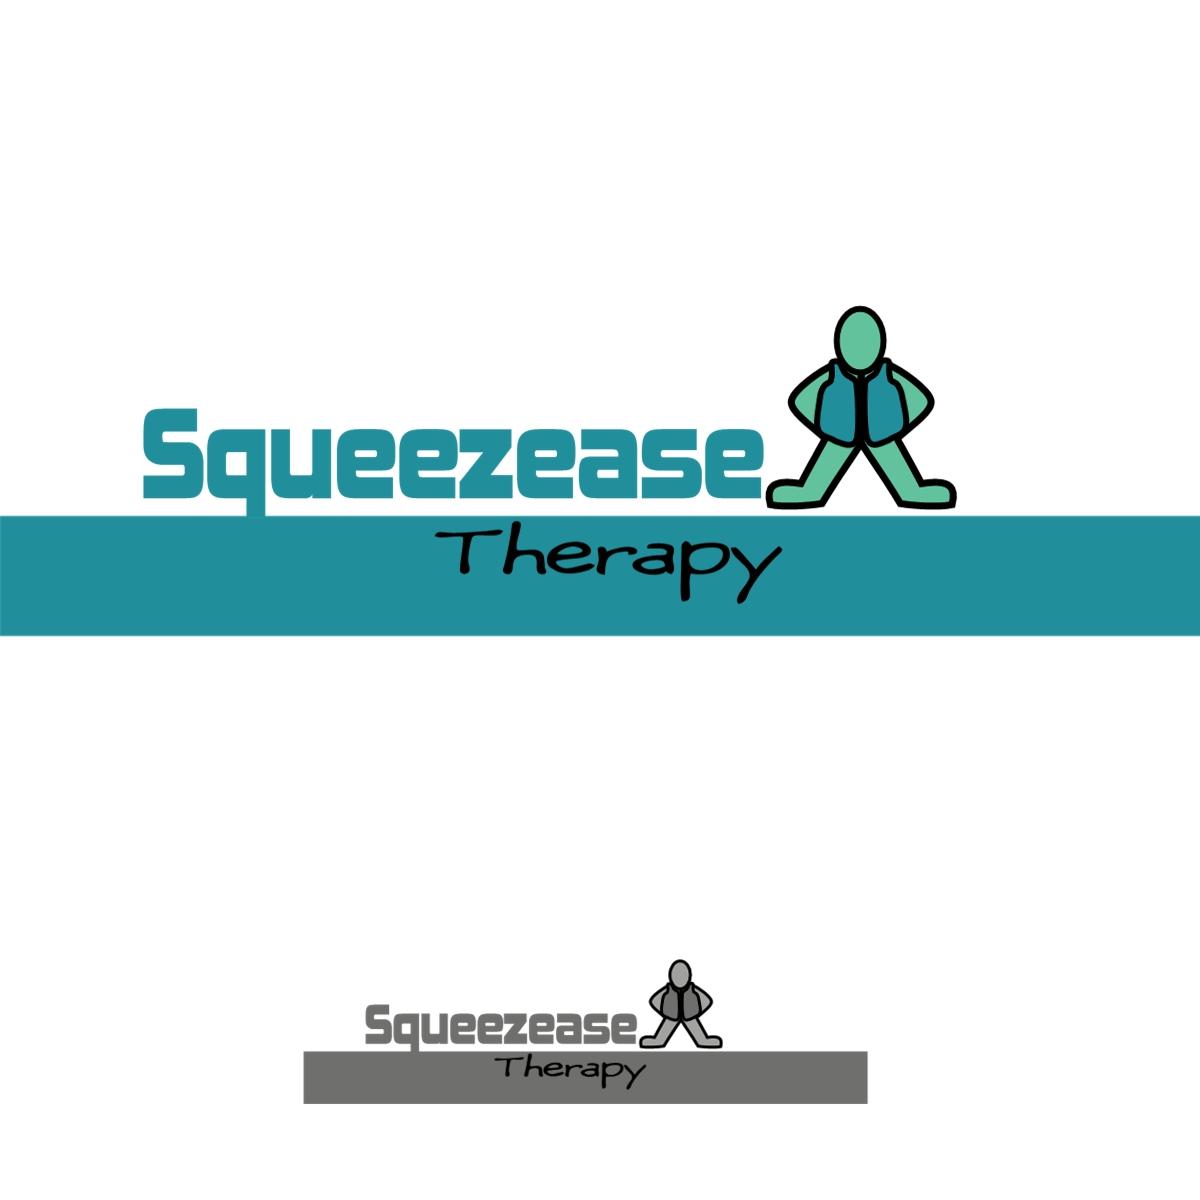 Logo Design by Joseph calunsag Cagaanan - Entry No. 16 in the Logo Design Contest Fun Logo Design for Squeezease Therapy.